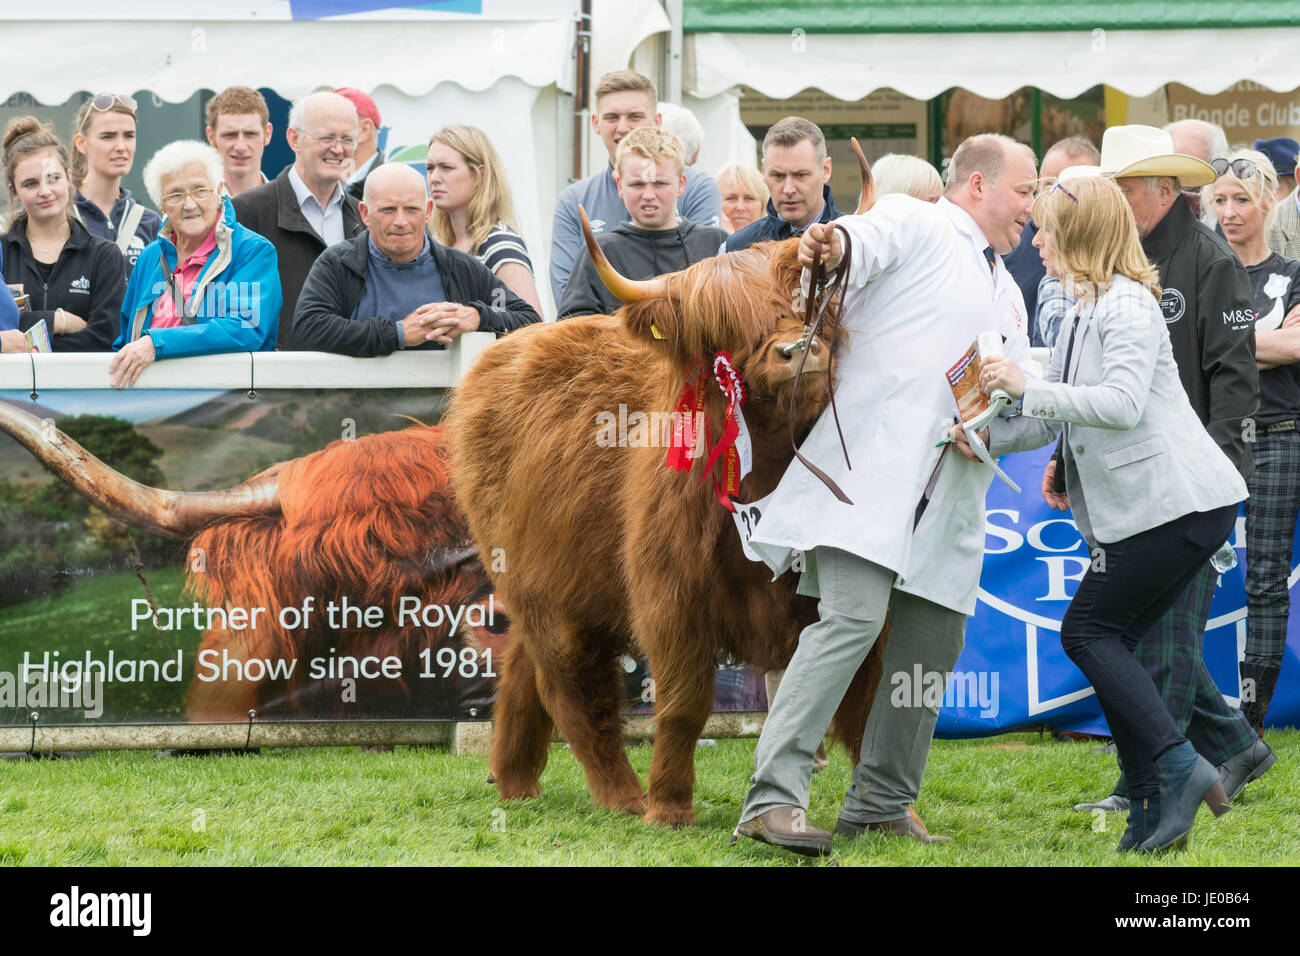 Royal Highland Show 2017 Highland Champion Eleanor of Ubhaidh  Edinburgh, Scotland, UK. 22nd June, 2017. Prize winning - Stock Image